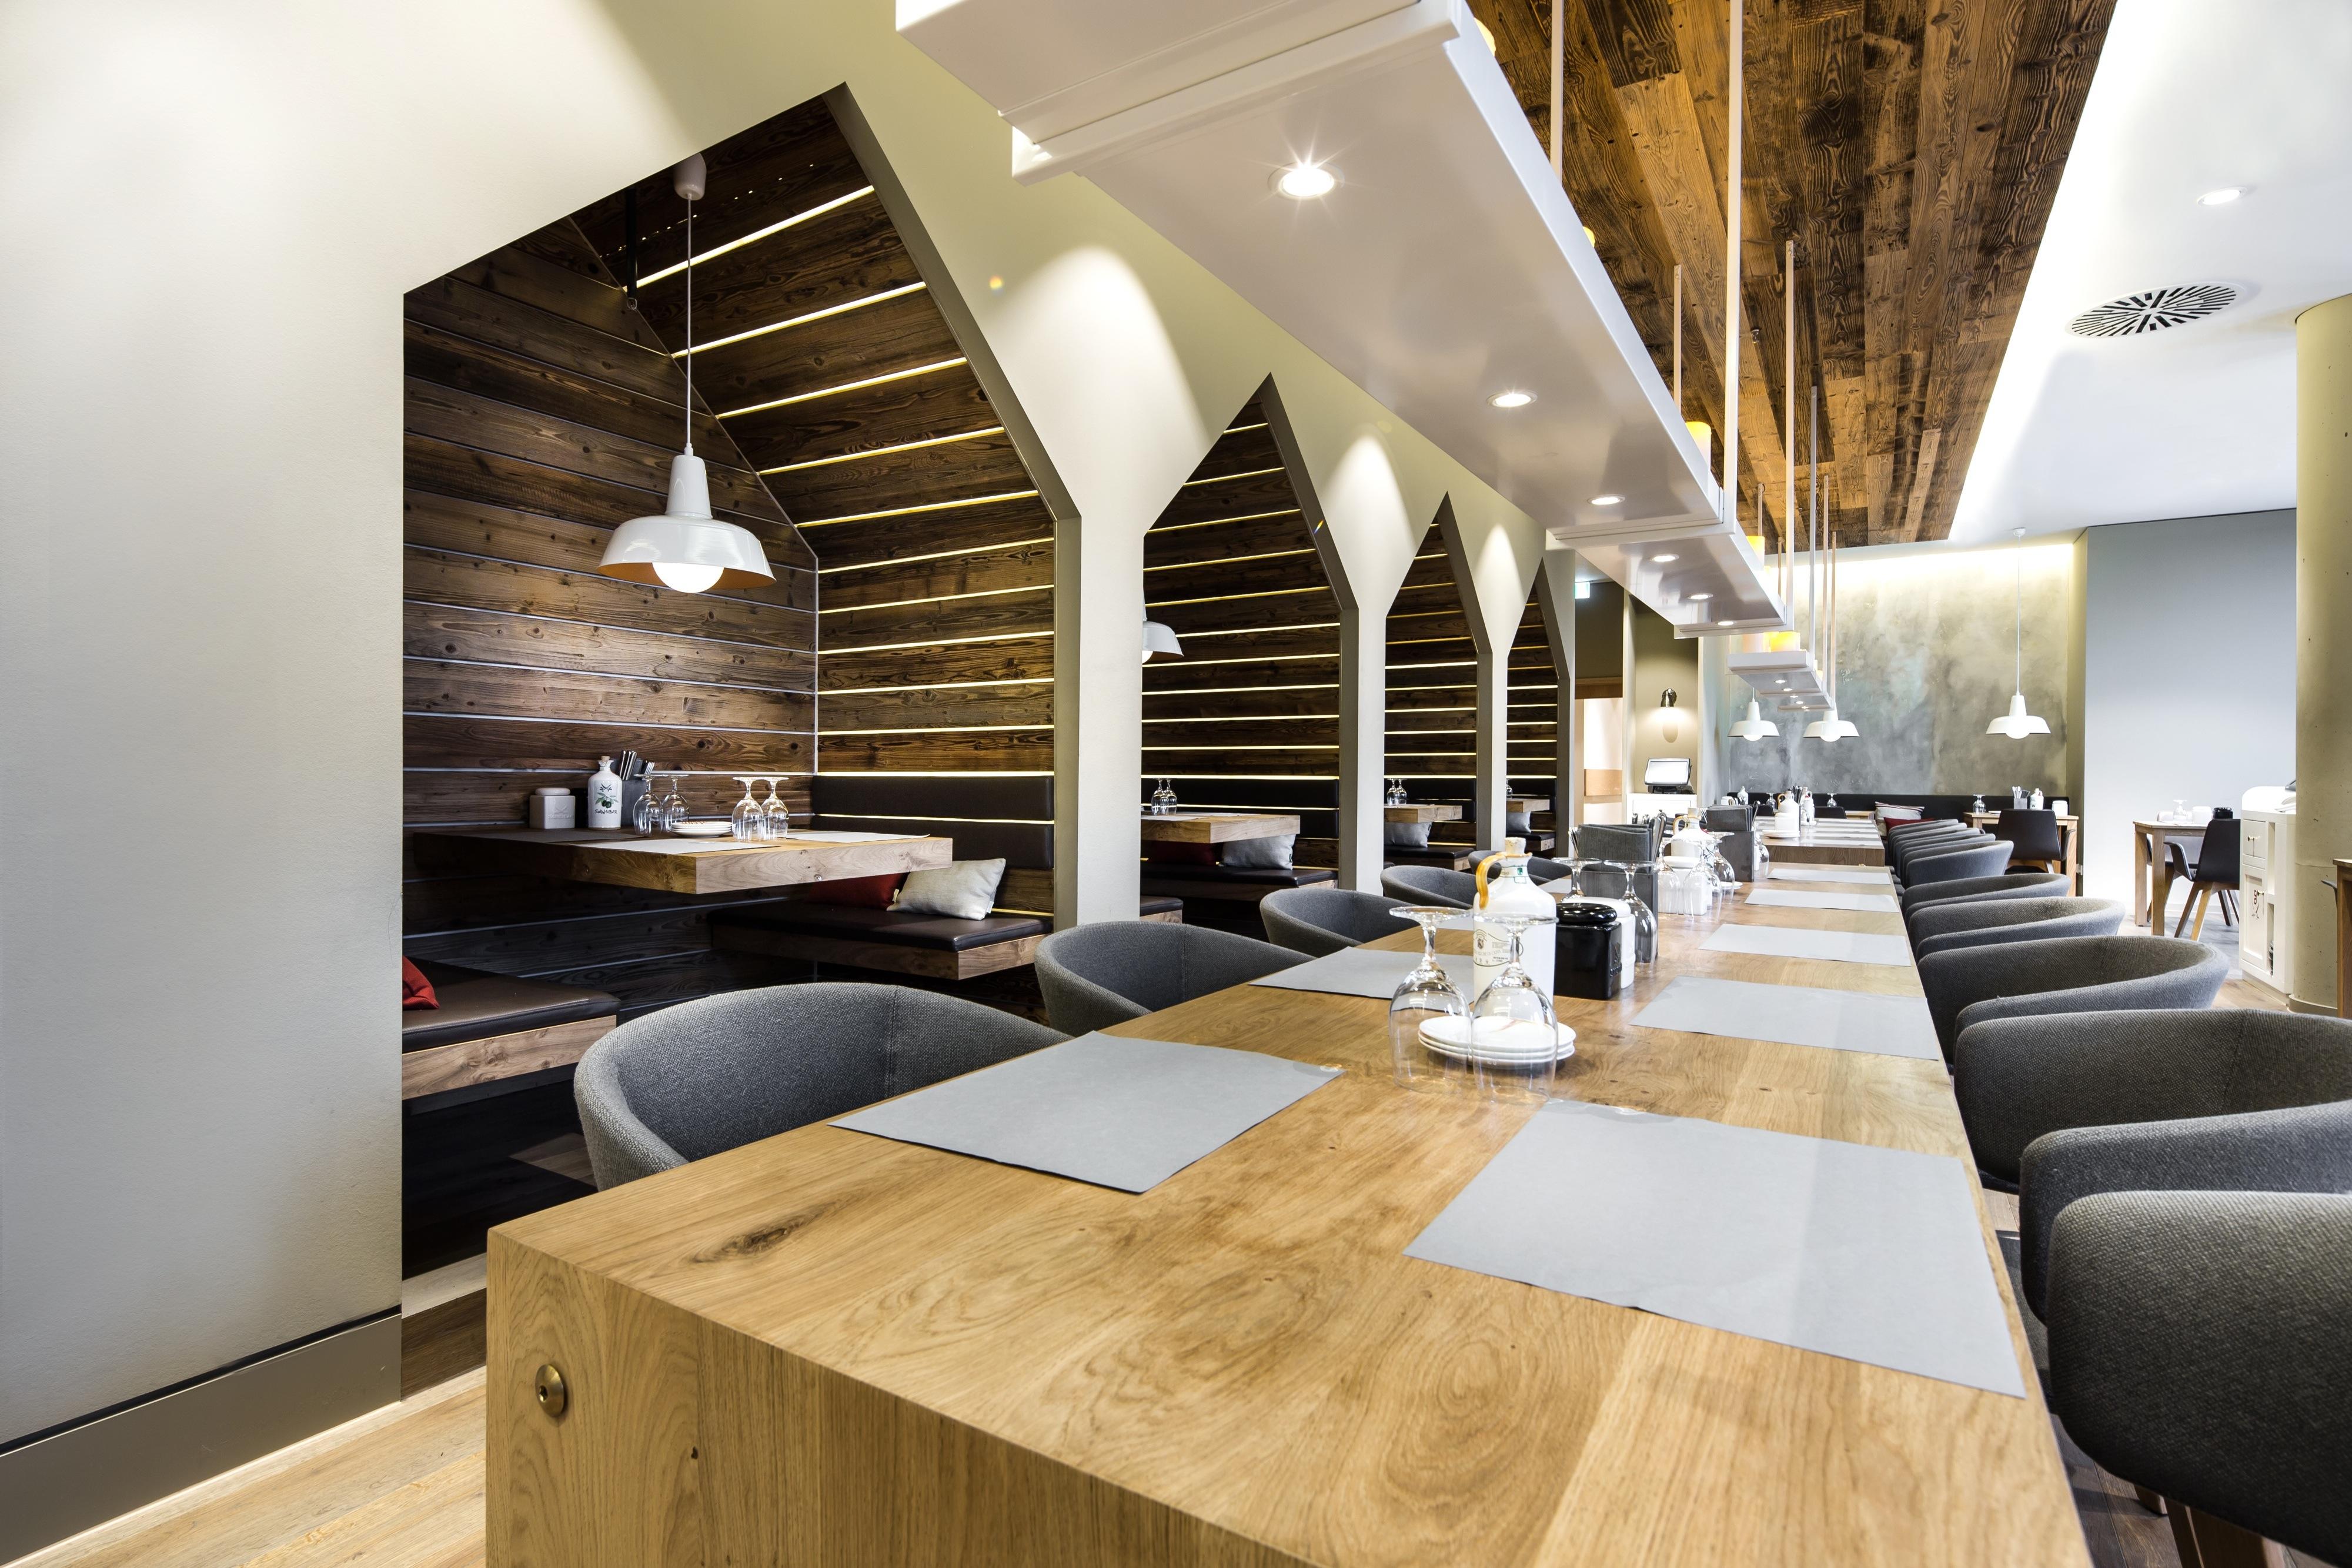 Deutscher innenarchitektur preis 2014 26 weitere for Restaurant design innenarchitektur